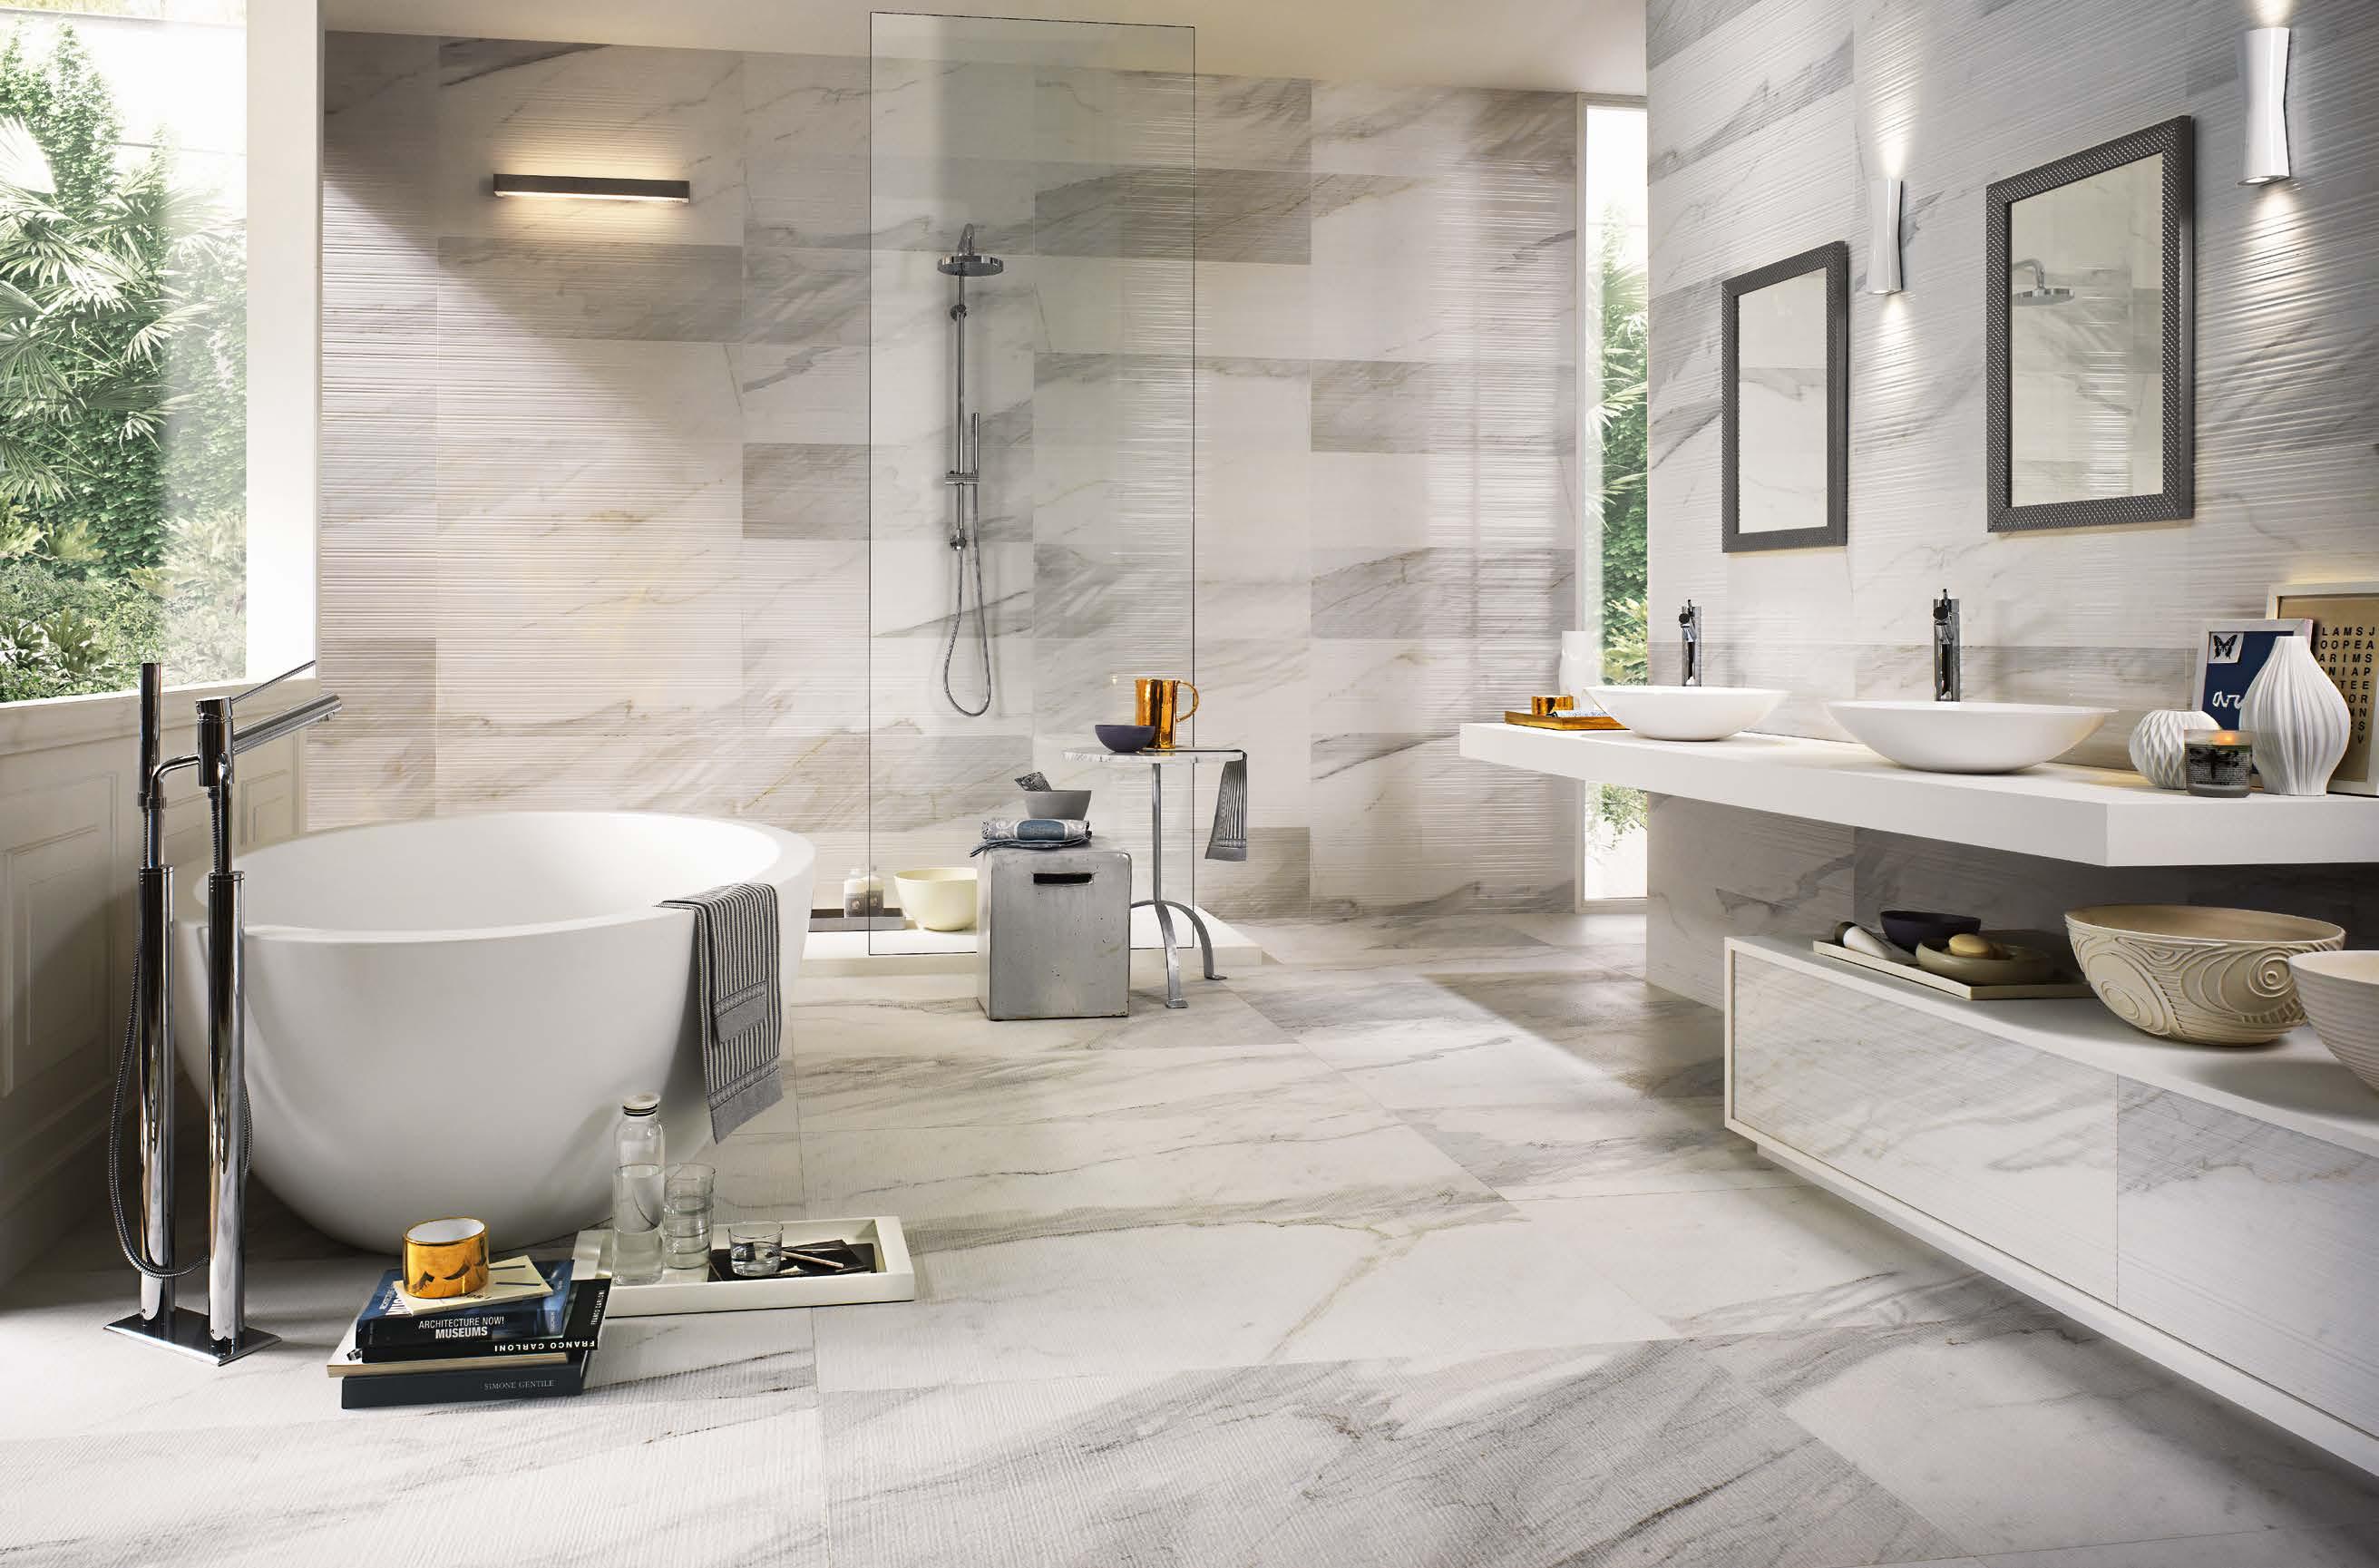 Напольная плитка «керамин» ( 16 фото): особенности покрытия для пола, серия «мегаполис» в интерьере, отзывы об использовании